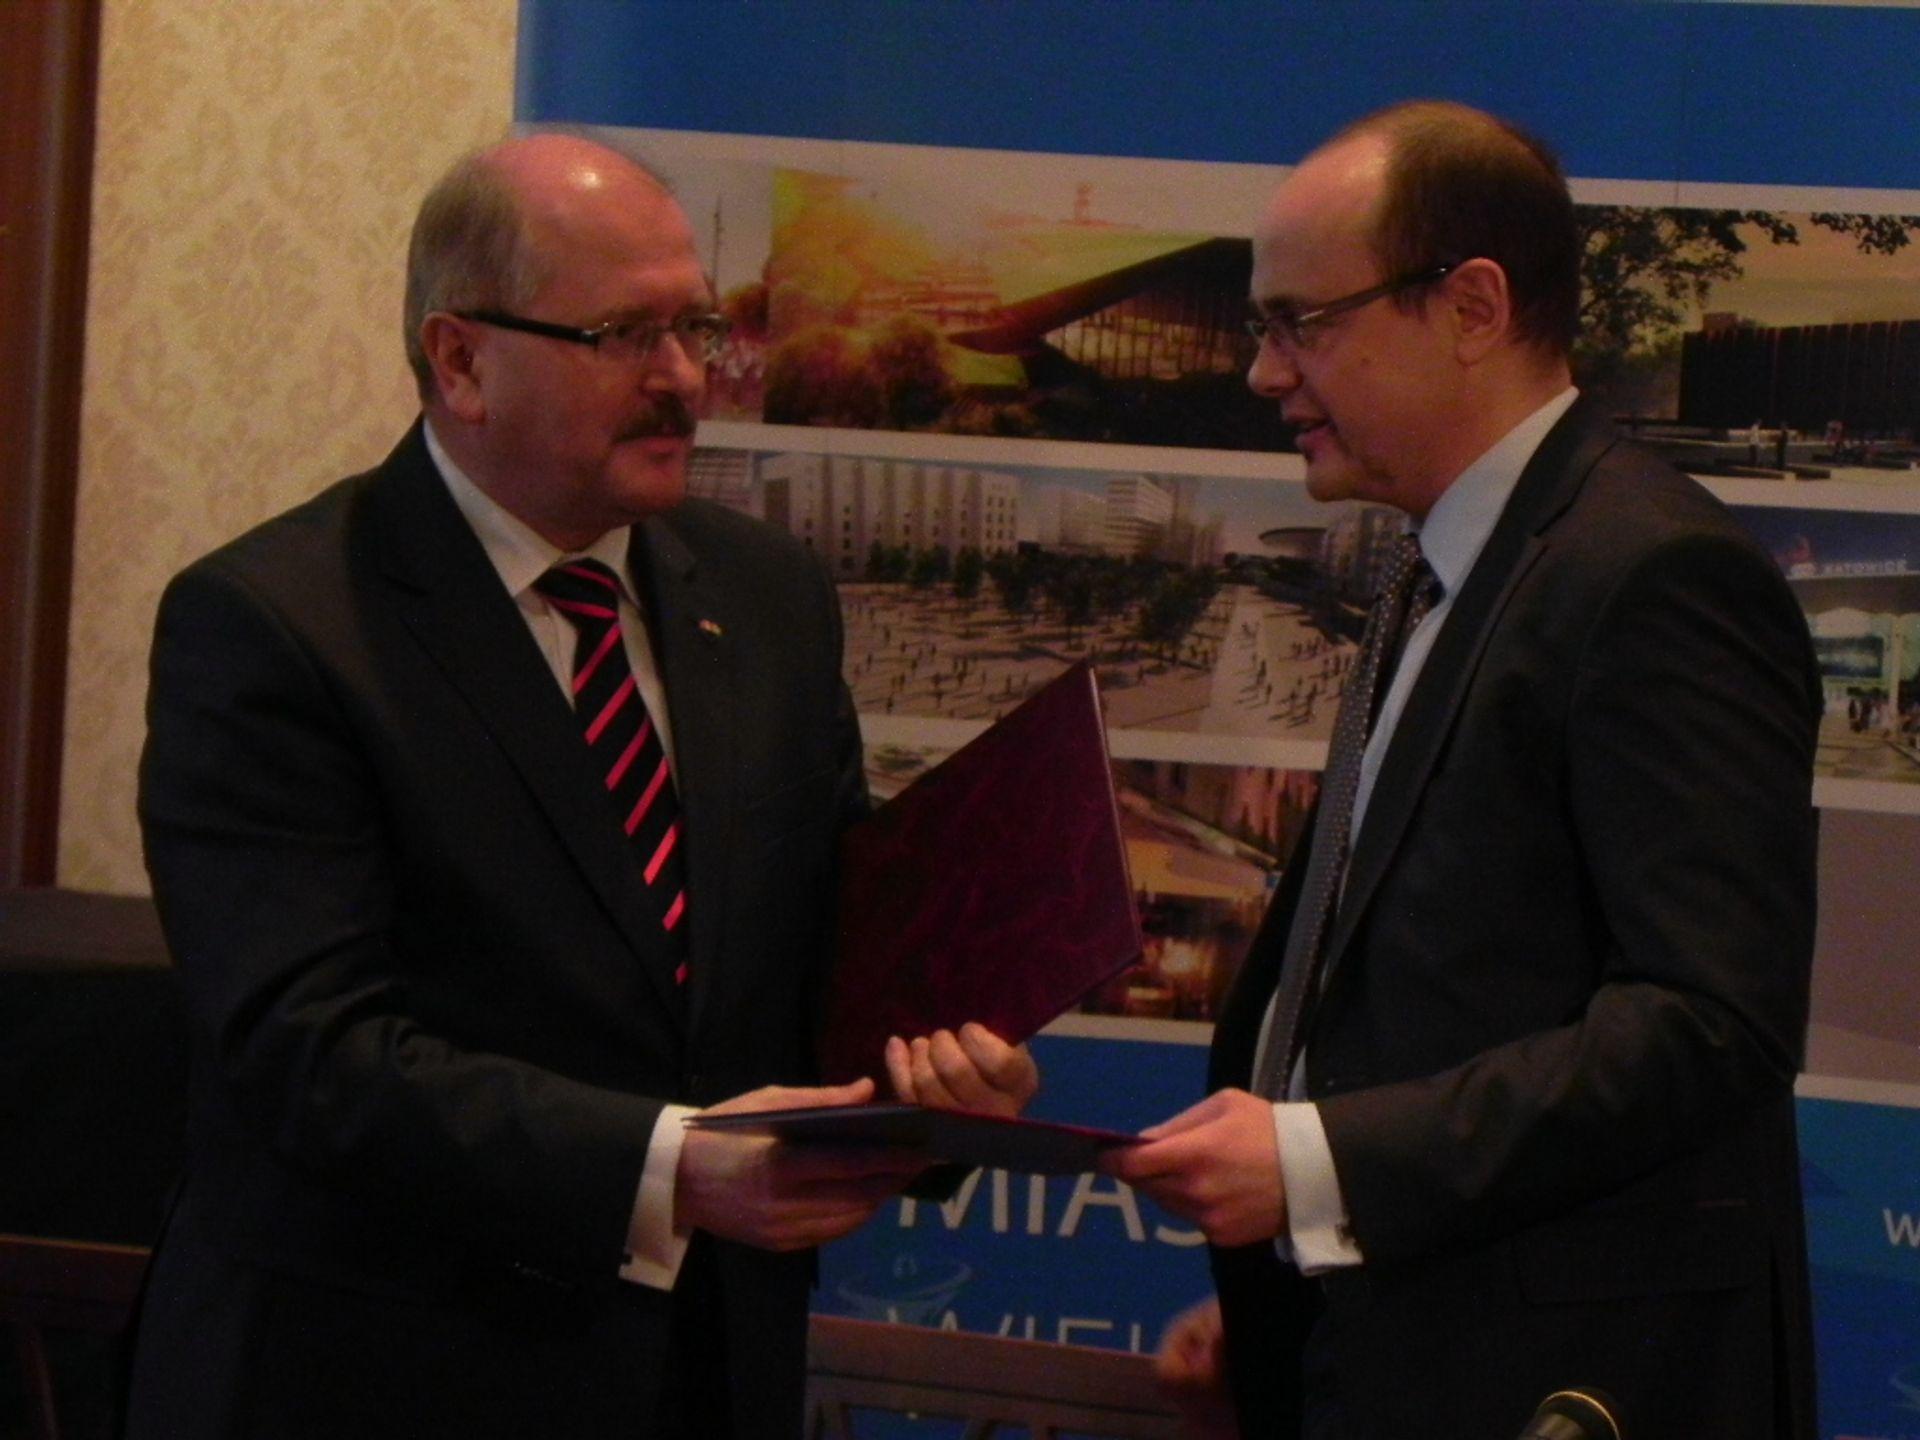 Podpisano umowę na budowę nowej siedziby NOSPR w Katowicach